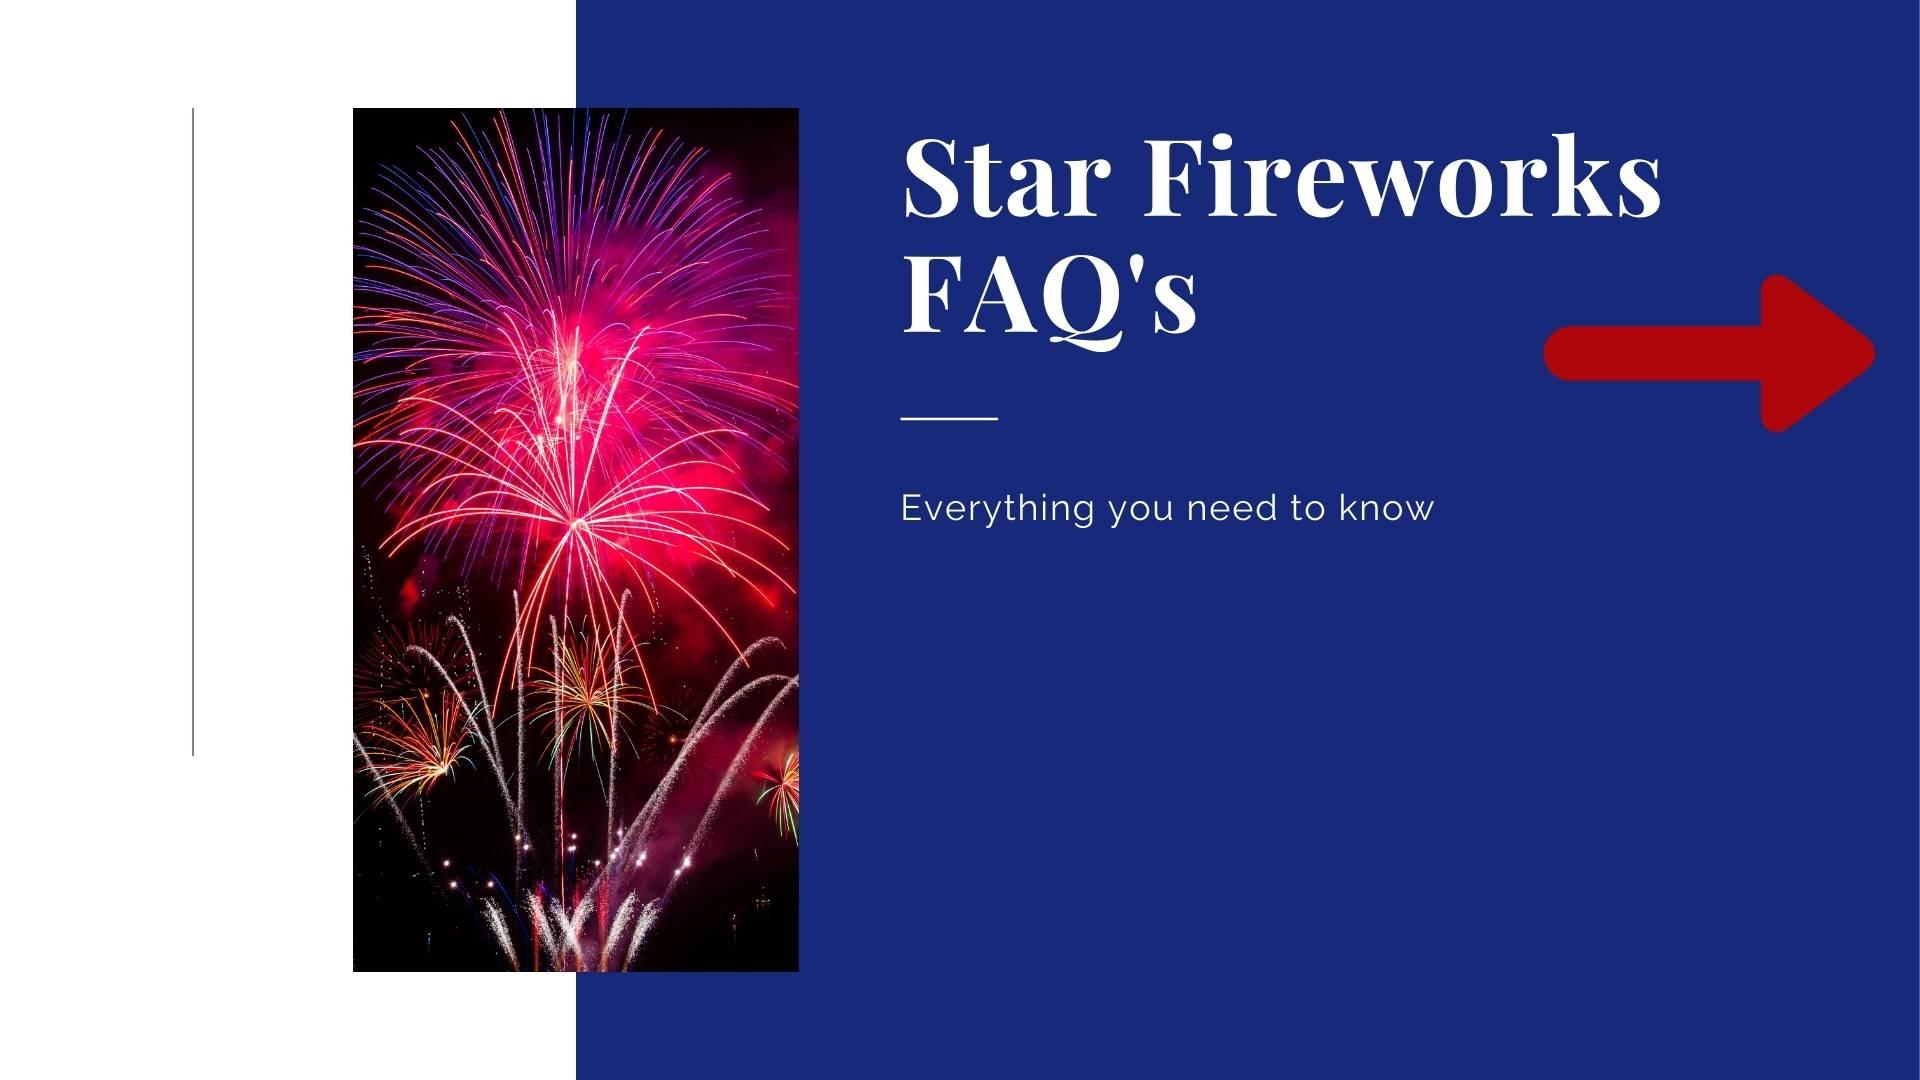 star-fireworks-faq-s-3.jpg